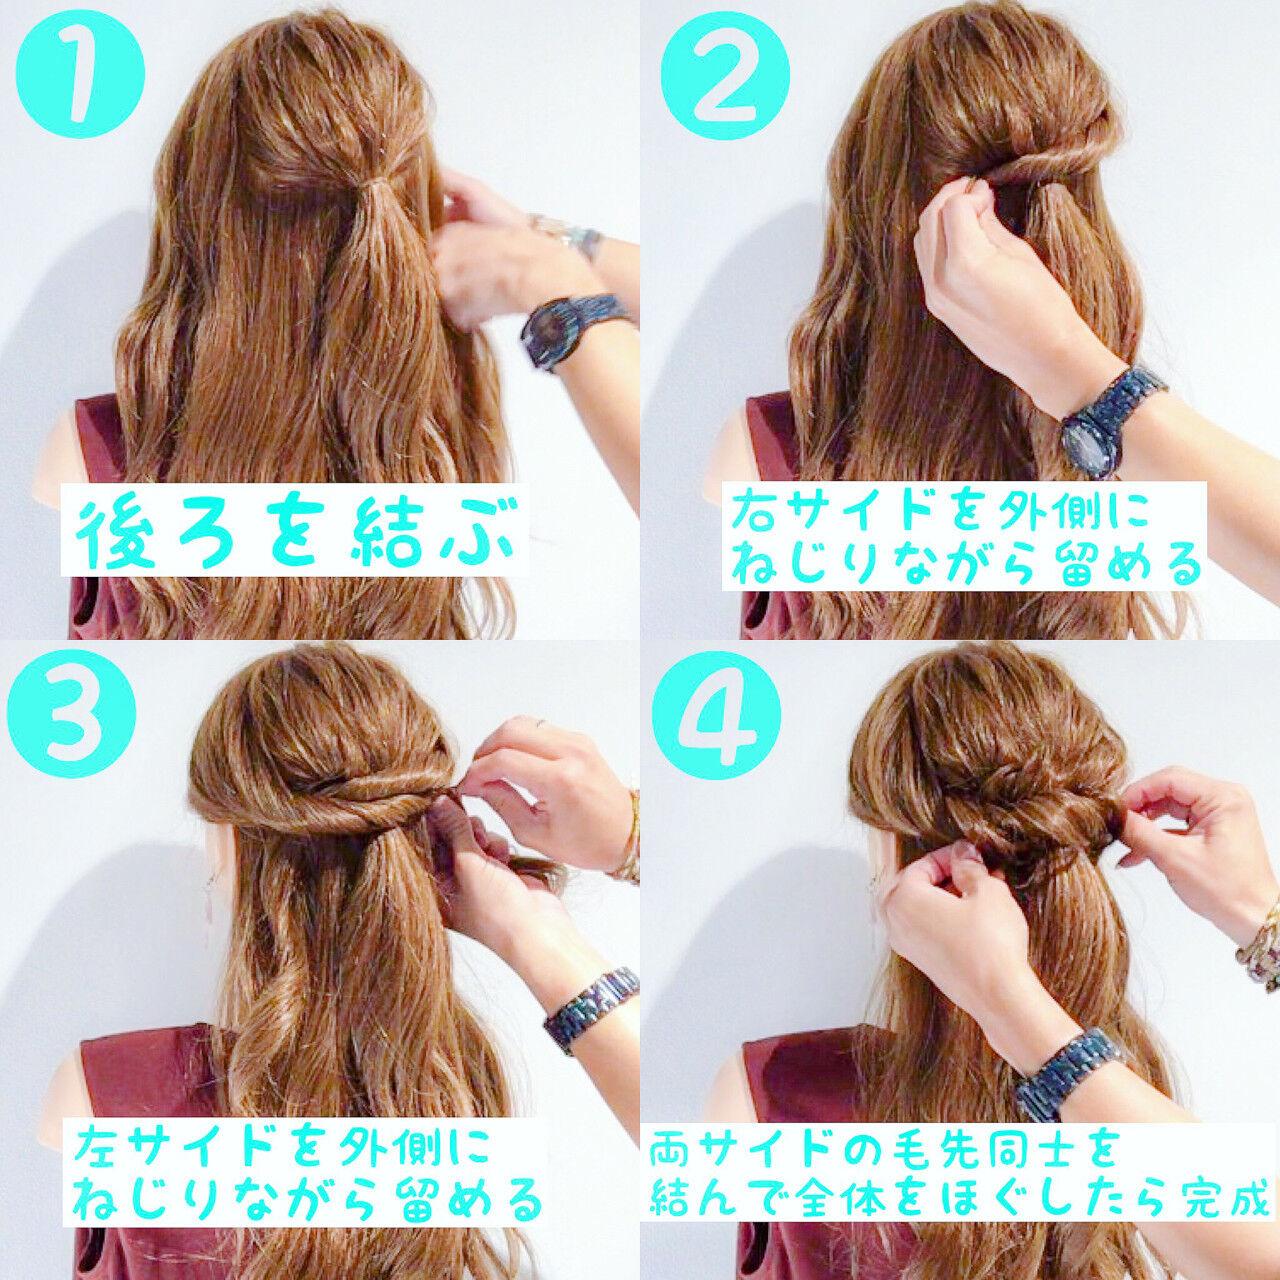 デート ナチュラル ロング 簡単ヘアアレンジヘアスタイルや髪型の写真・画像